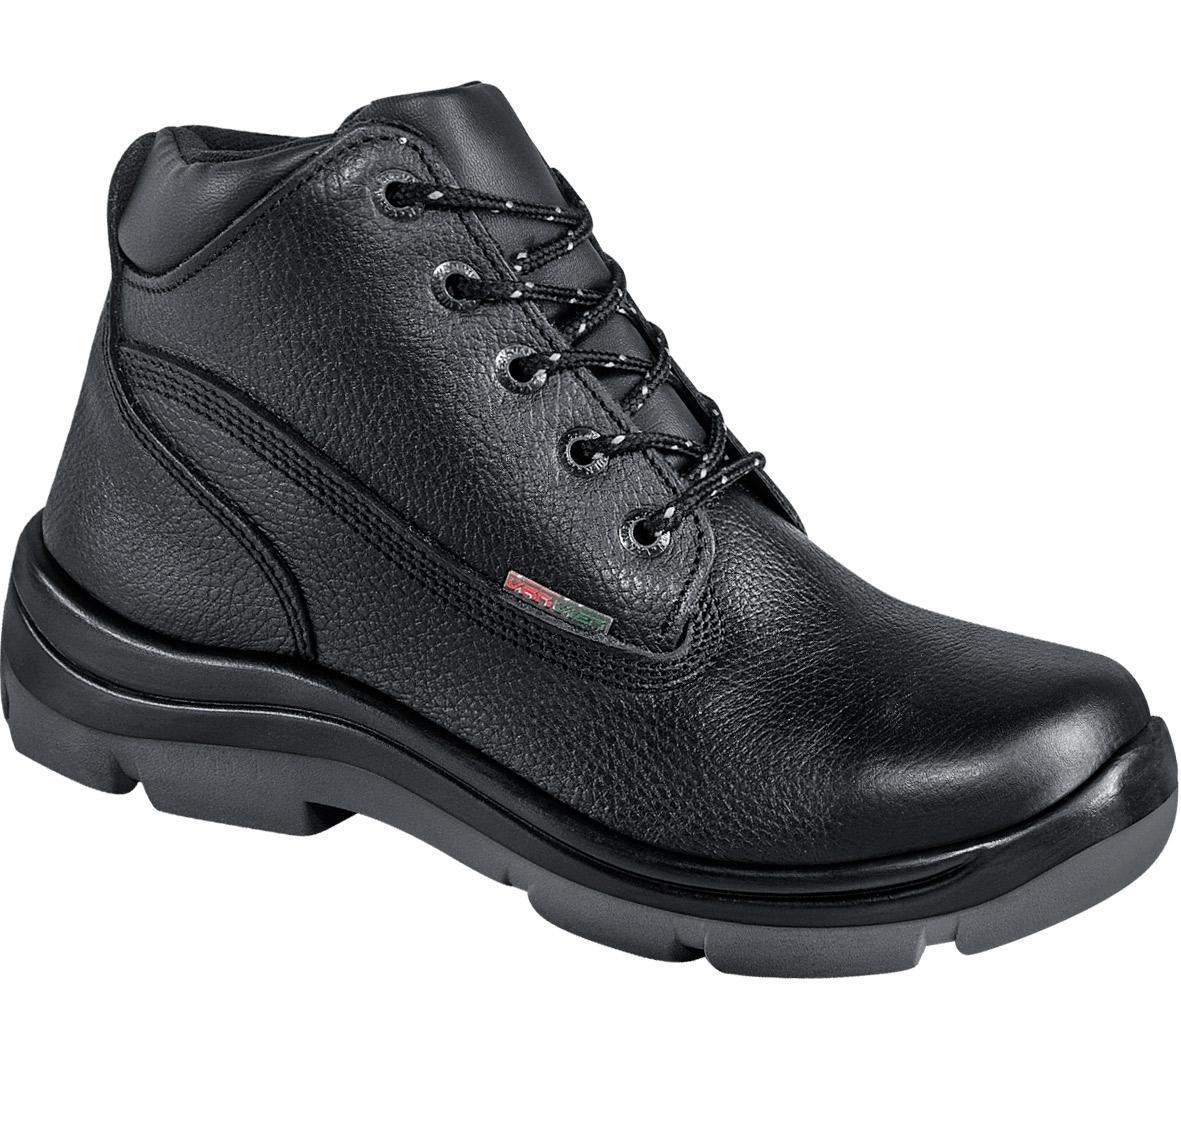 b3b936b8319 calzado hombre casquillo van vien 158103 x4r envío gratis. Cargando zoom.